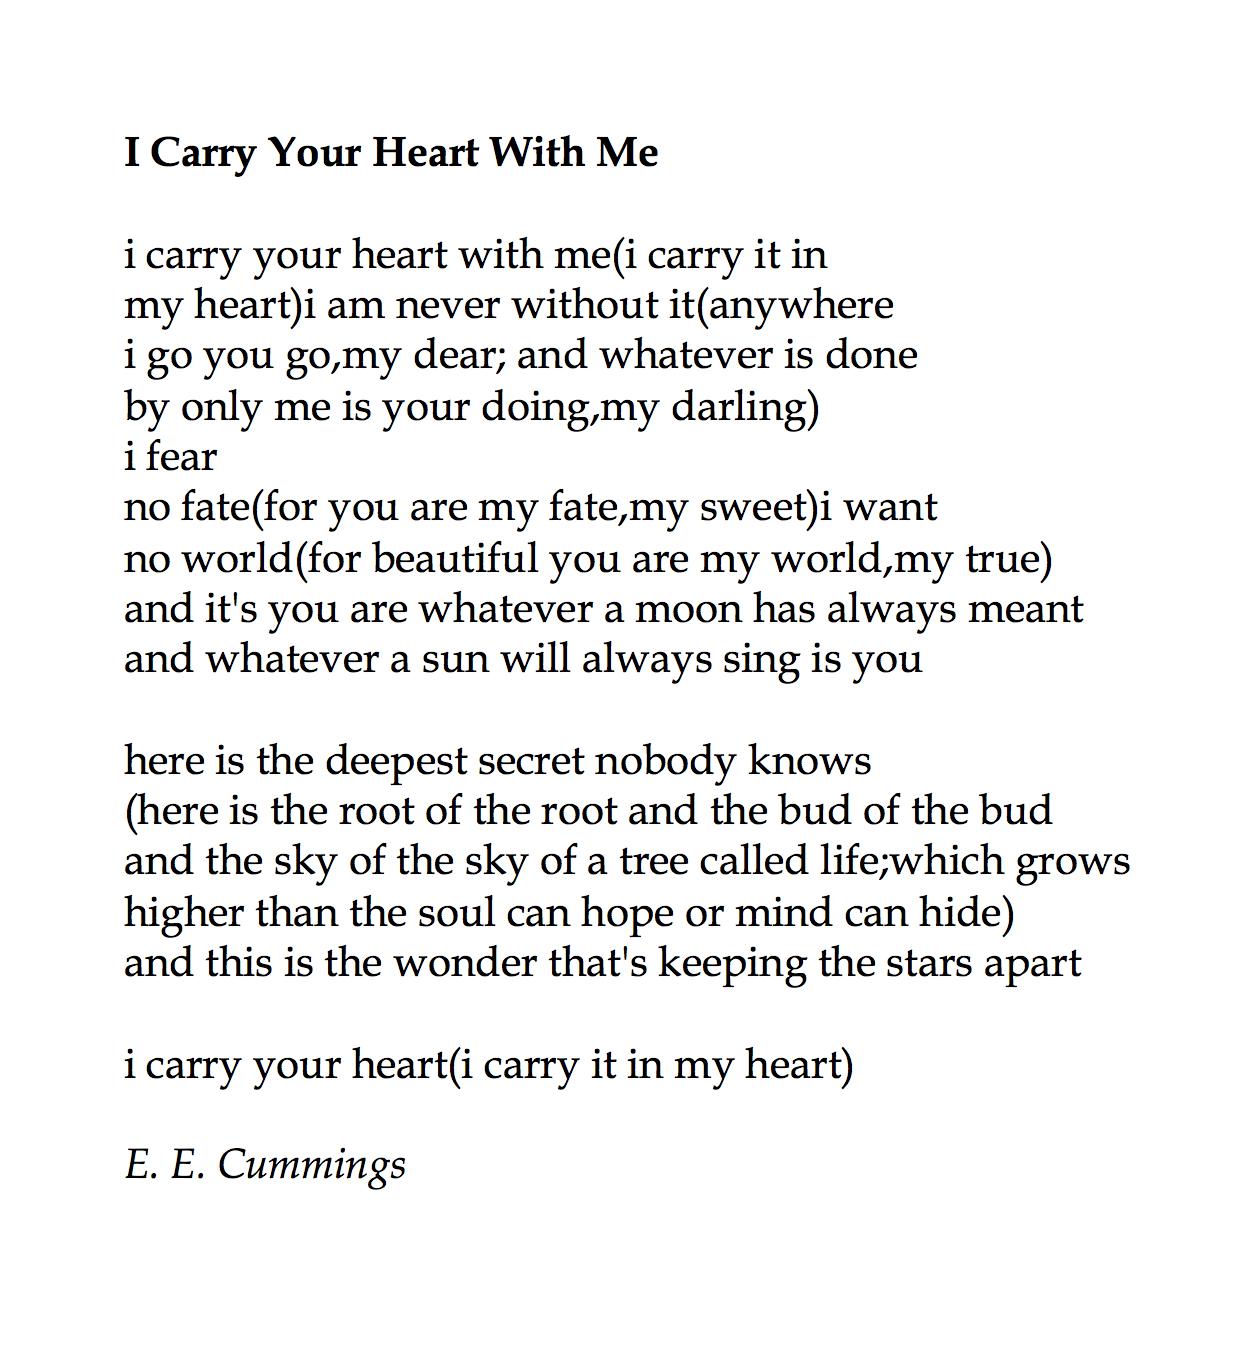 E.E. Cummings | American poet